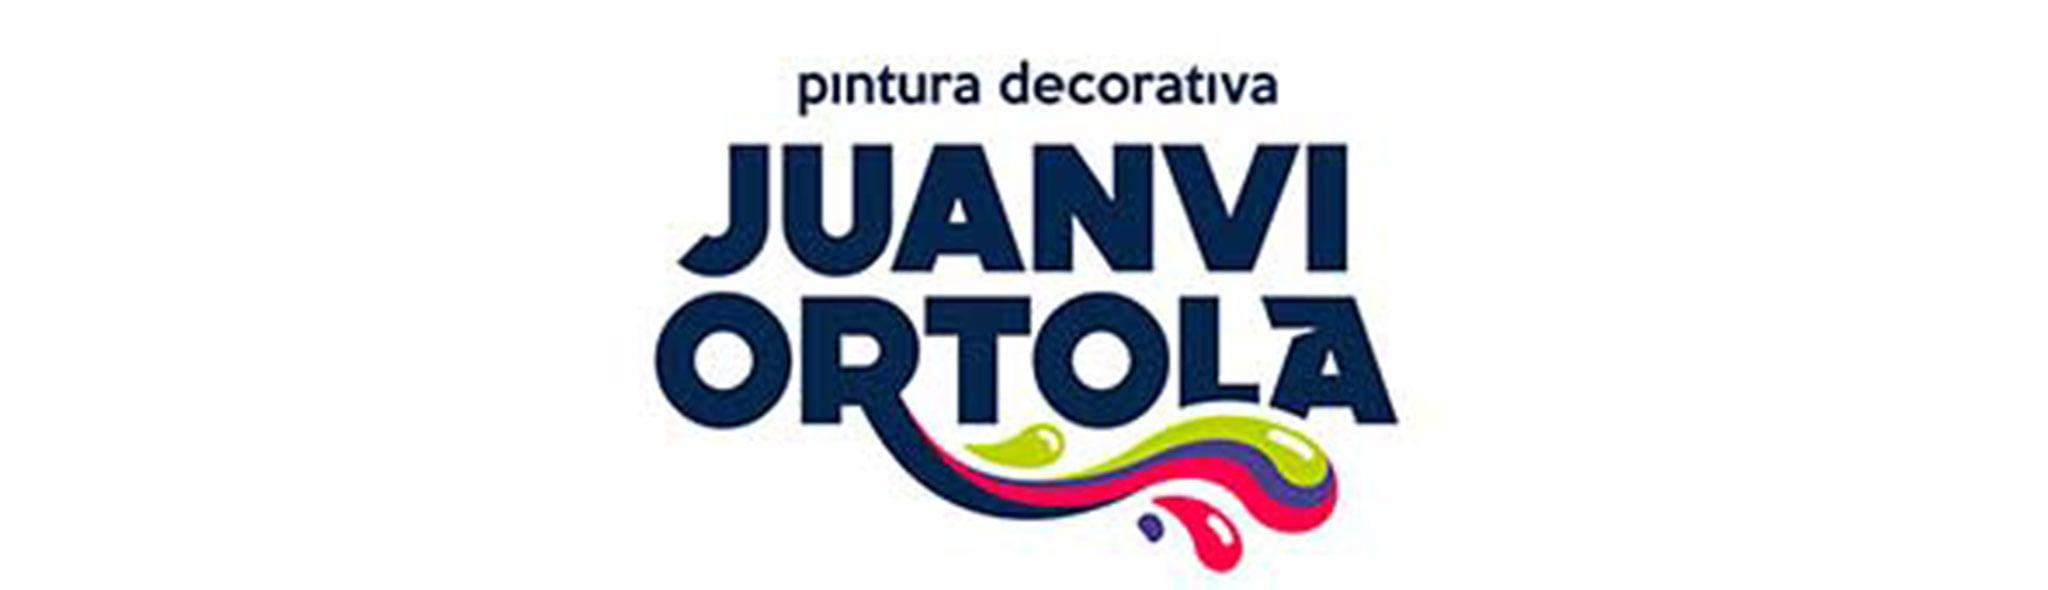 Logotipo de Pinturas Juanvi Ortolà